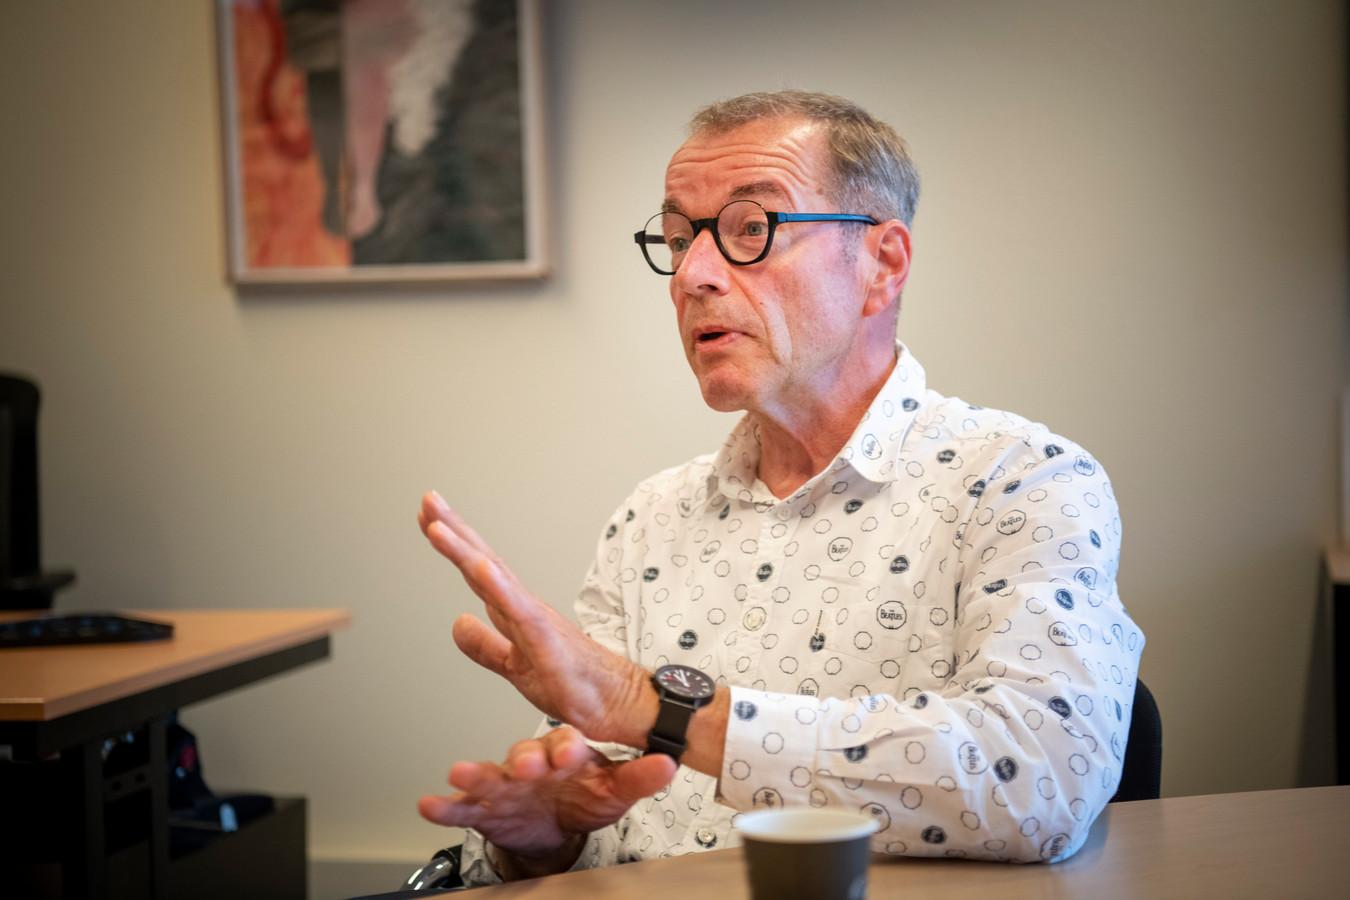 Fred Meijer: